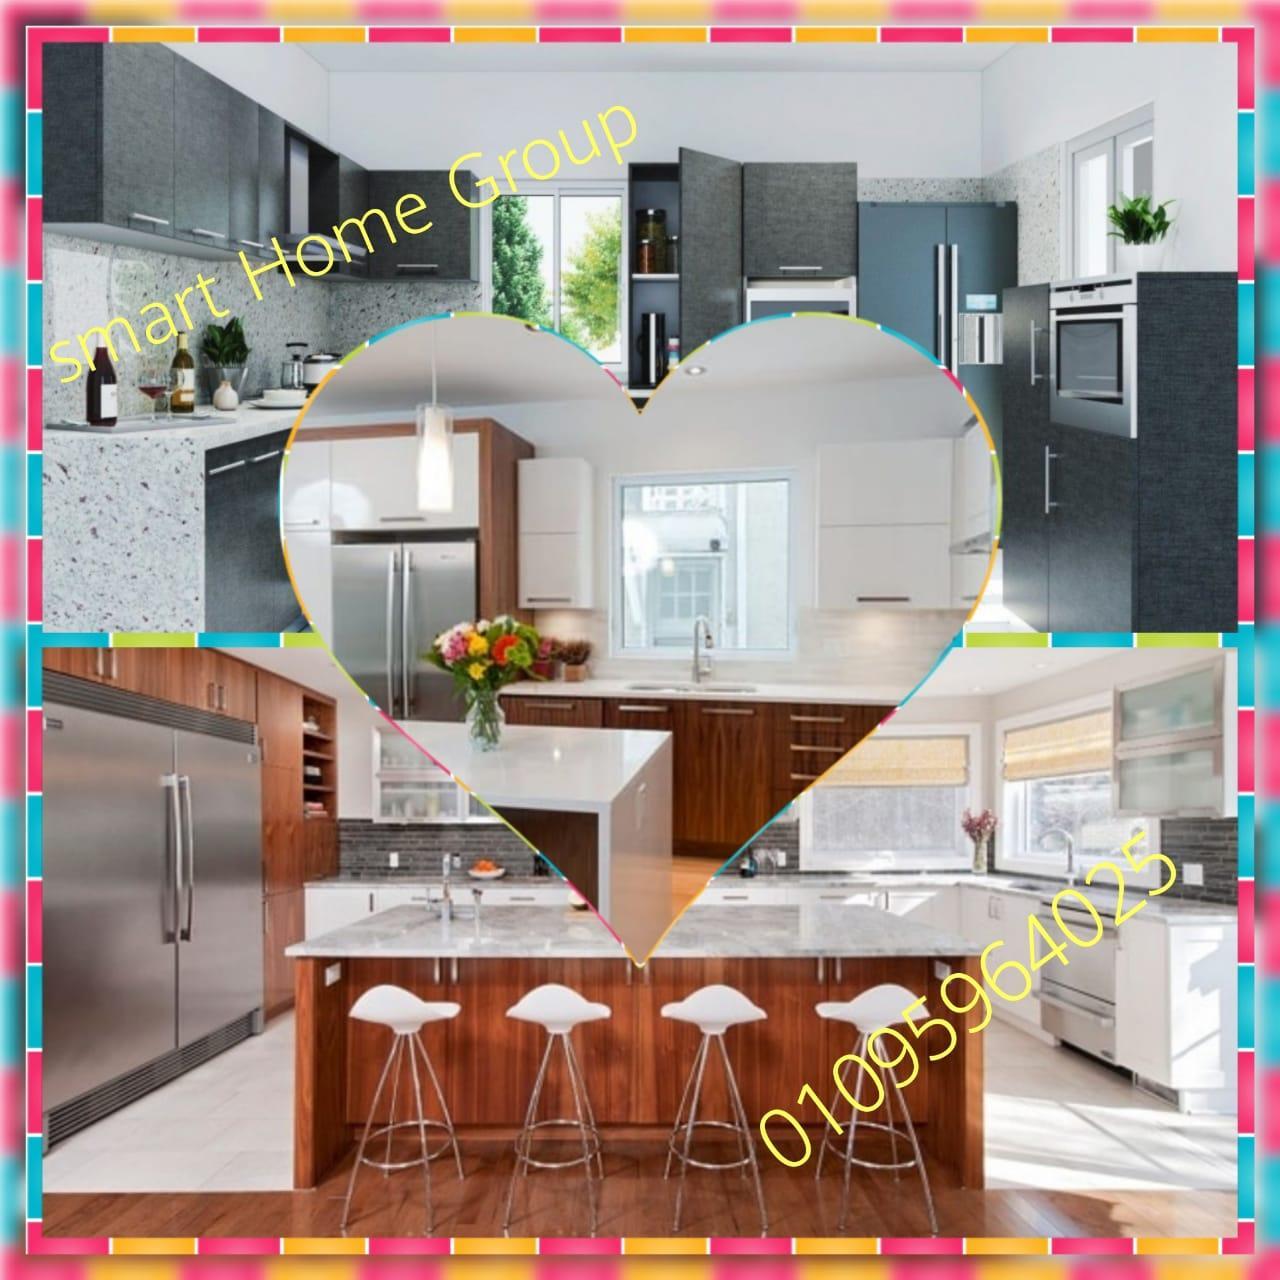 مطبخ اروماسيف ( سمارت هوم جروب 01095964025)